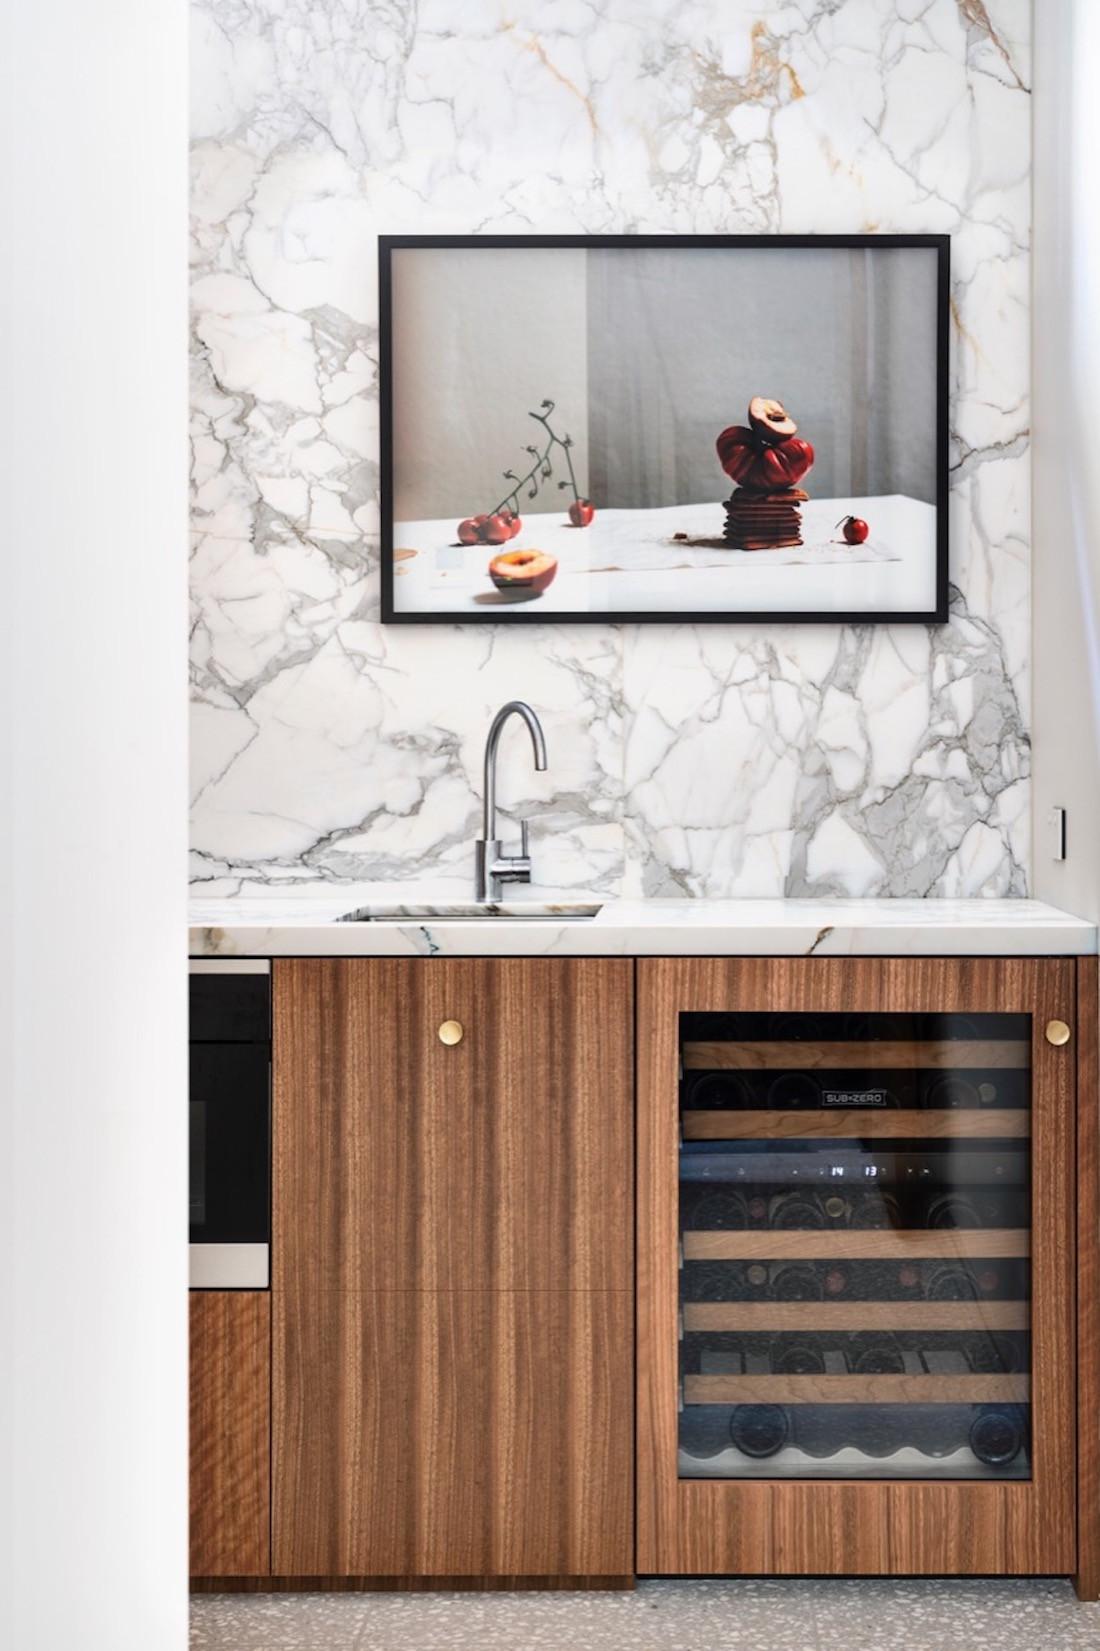 A wine fridge is encased in timber veneer and sitting under an artwork.